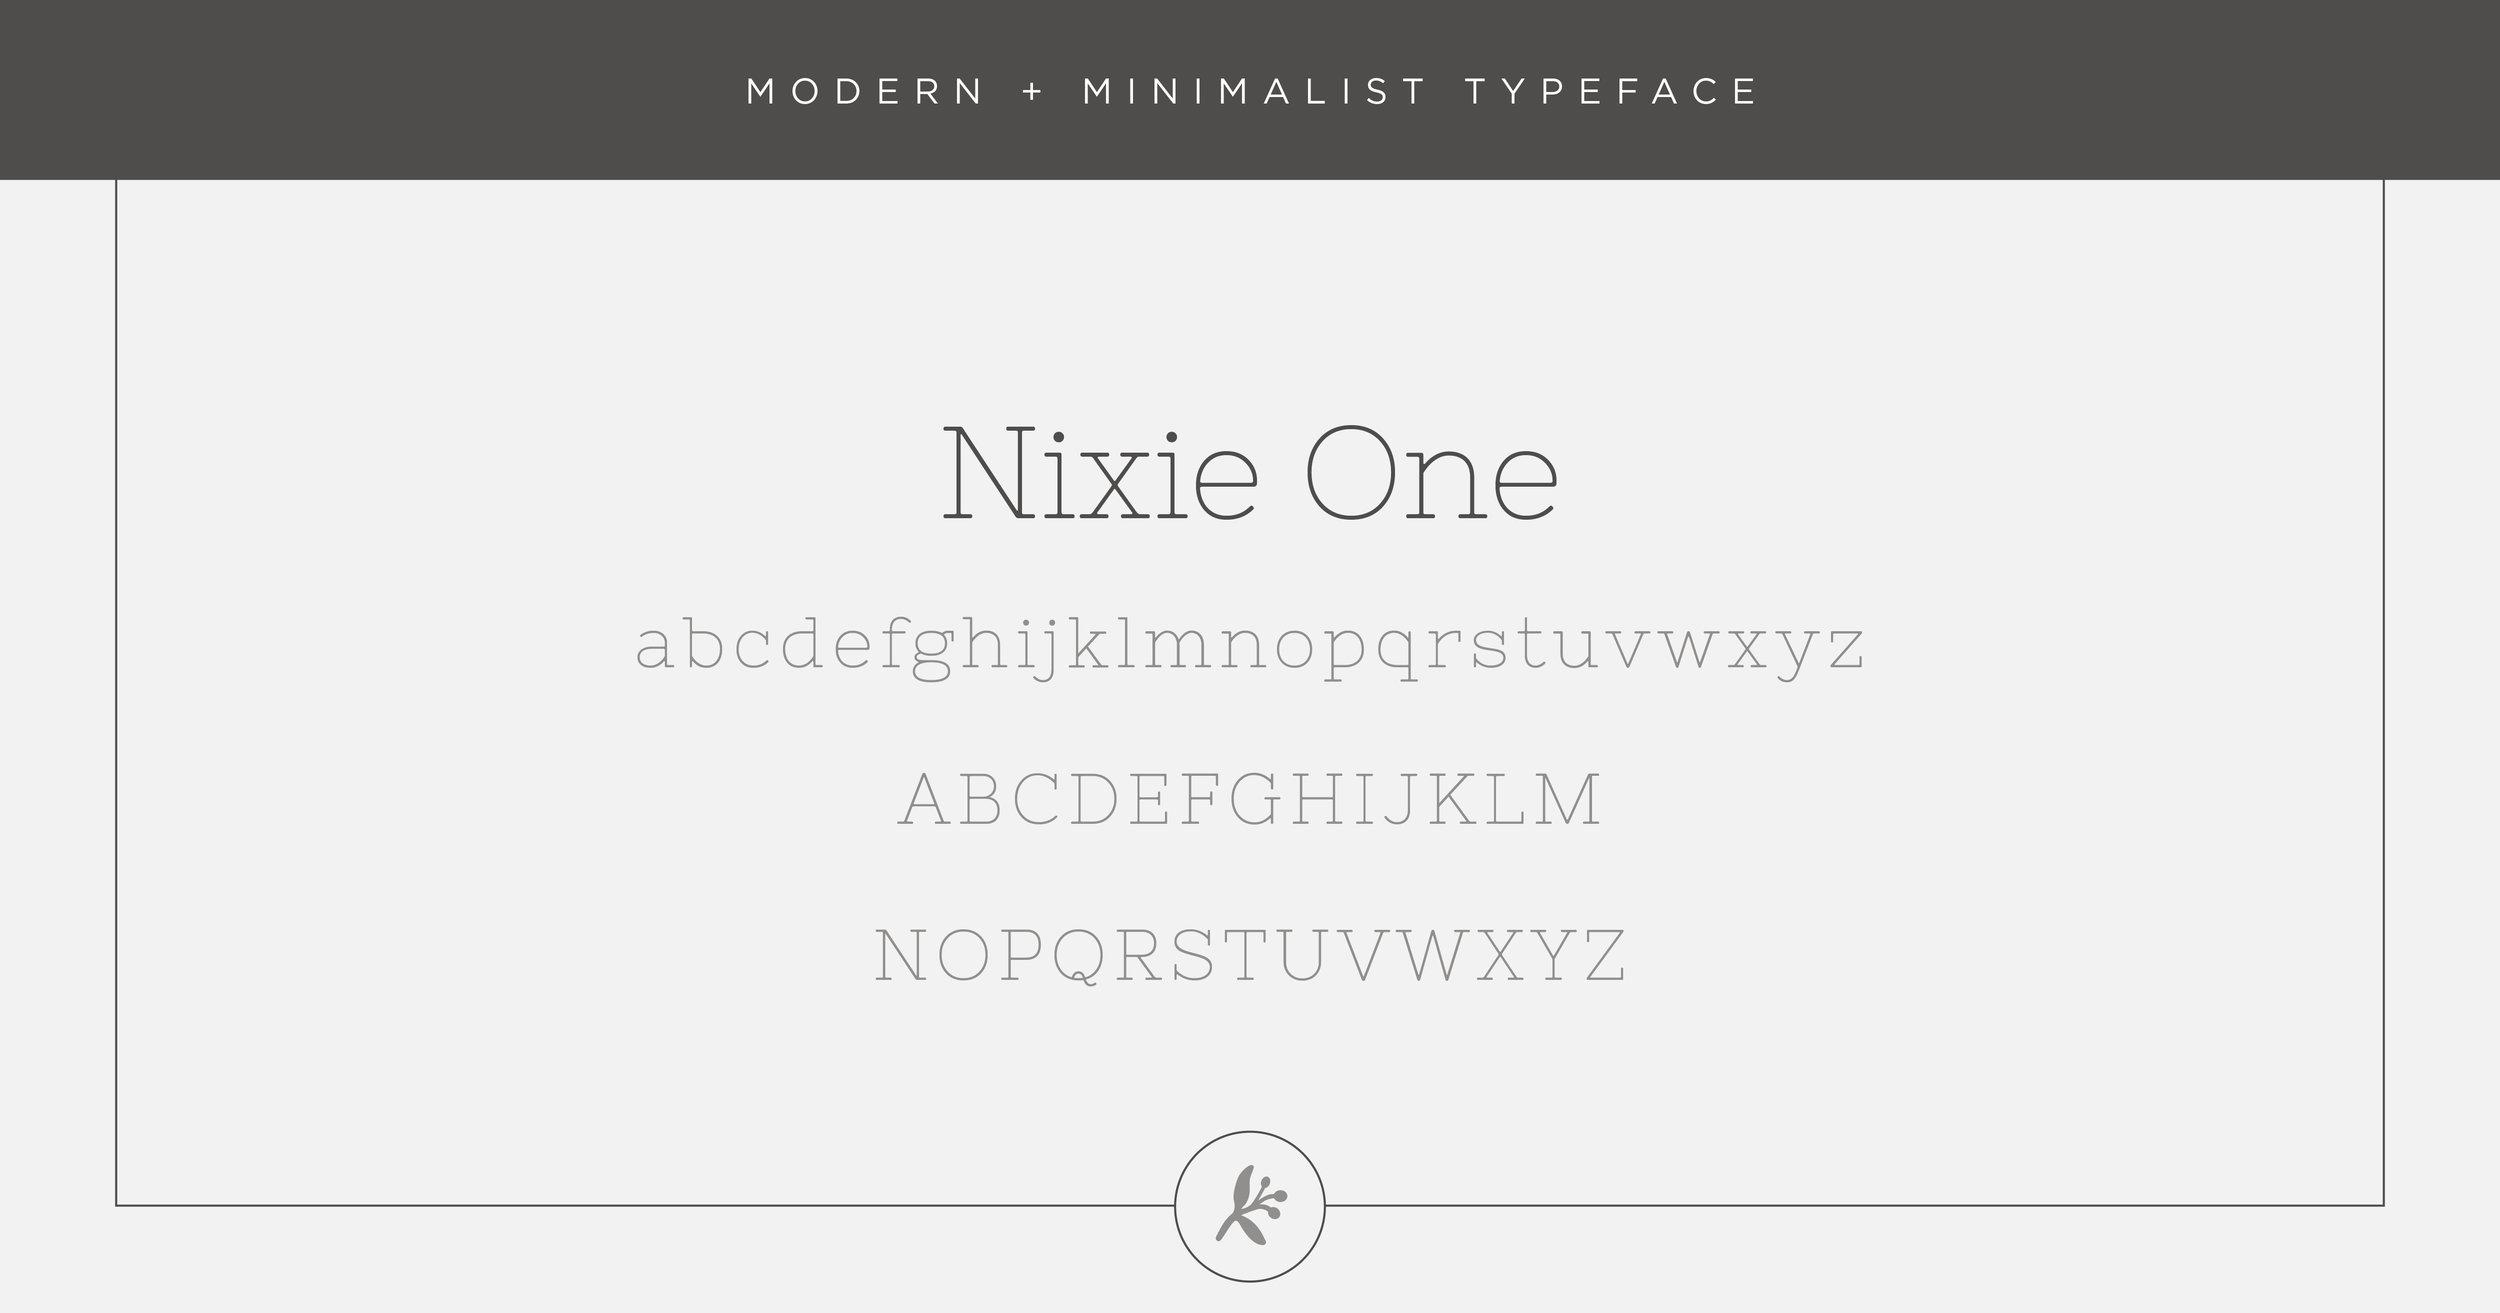 Modern minimalist typeface